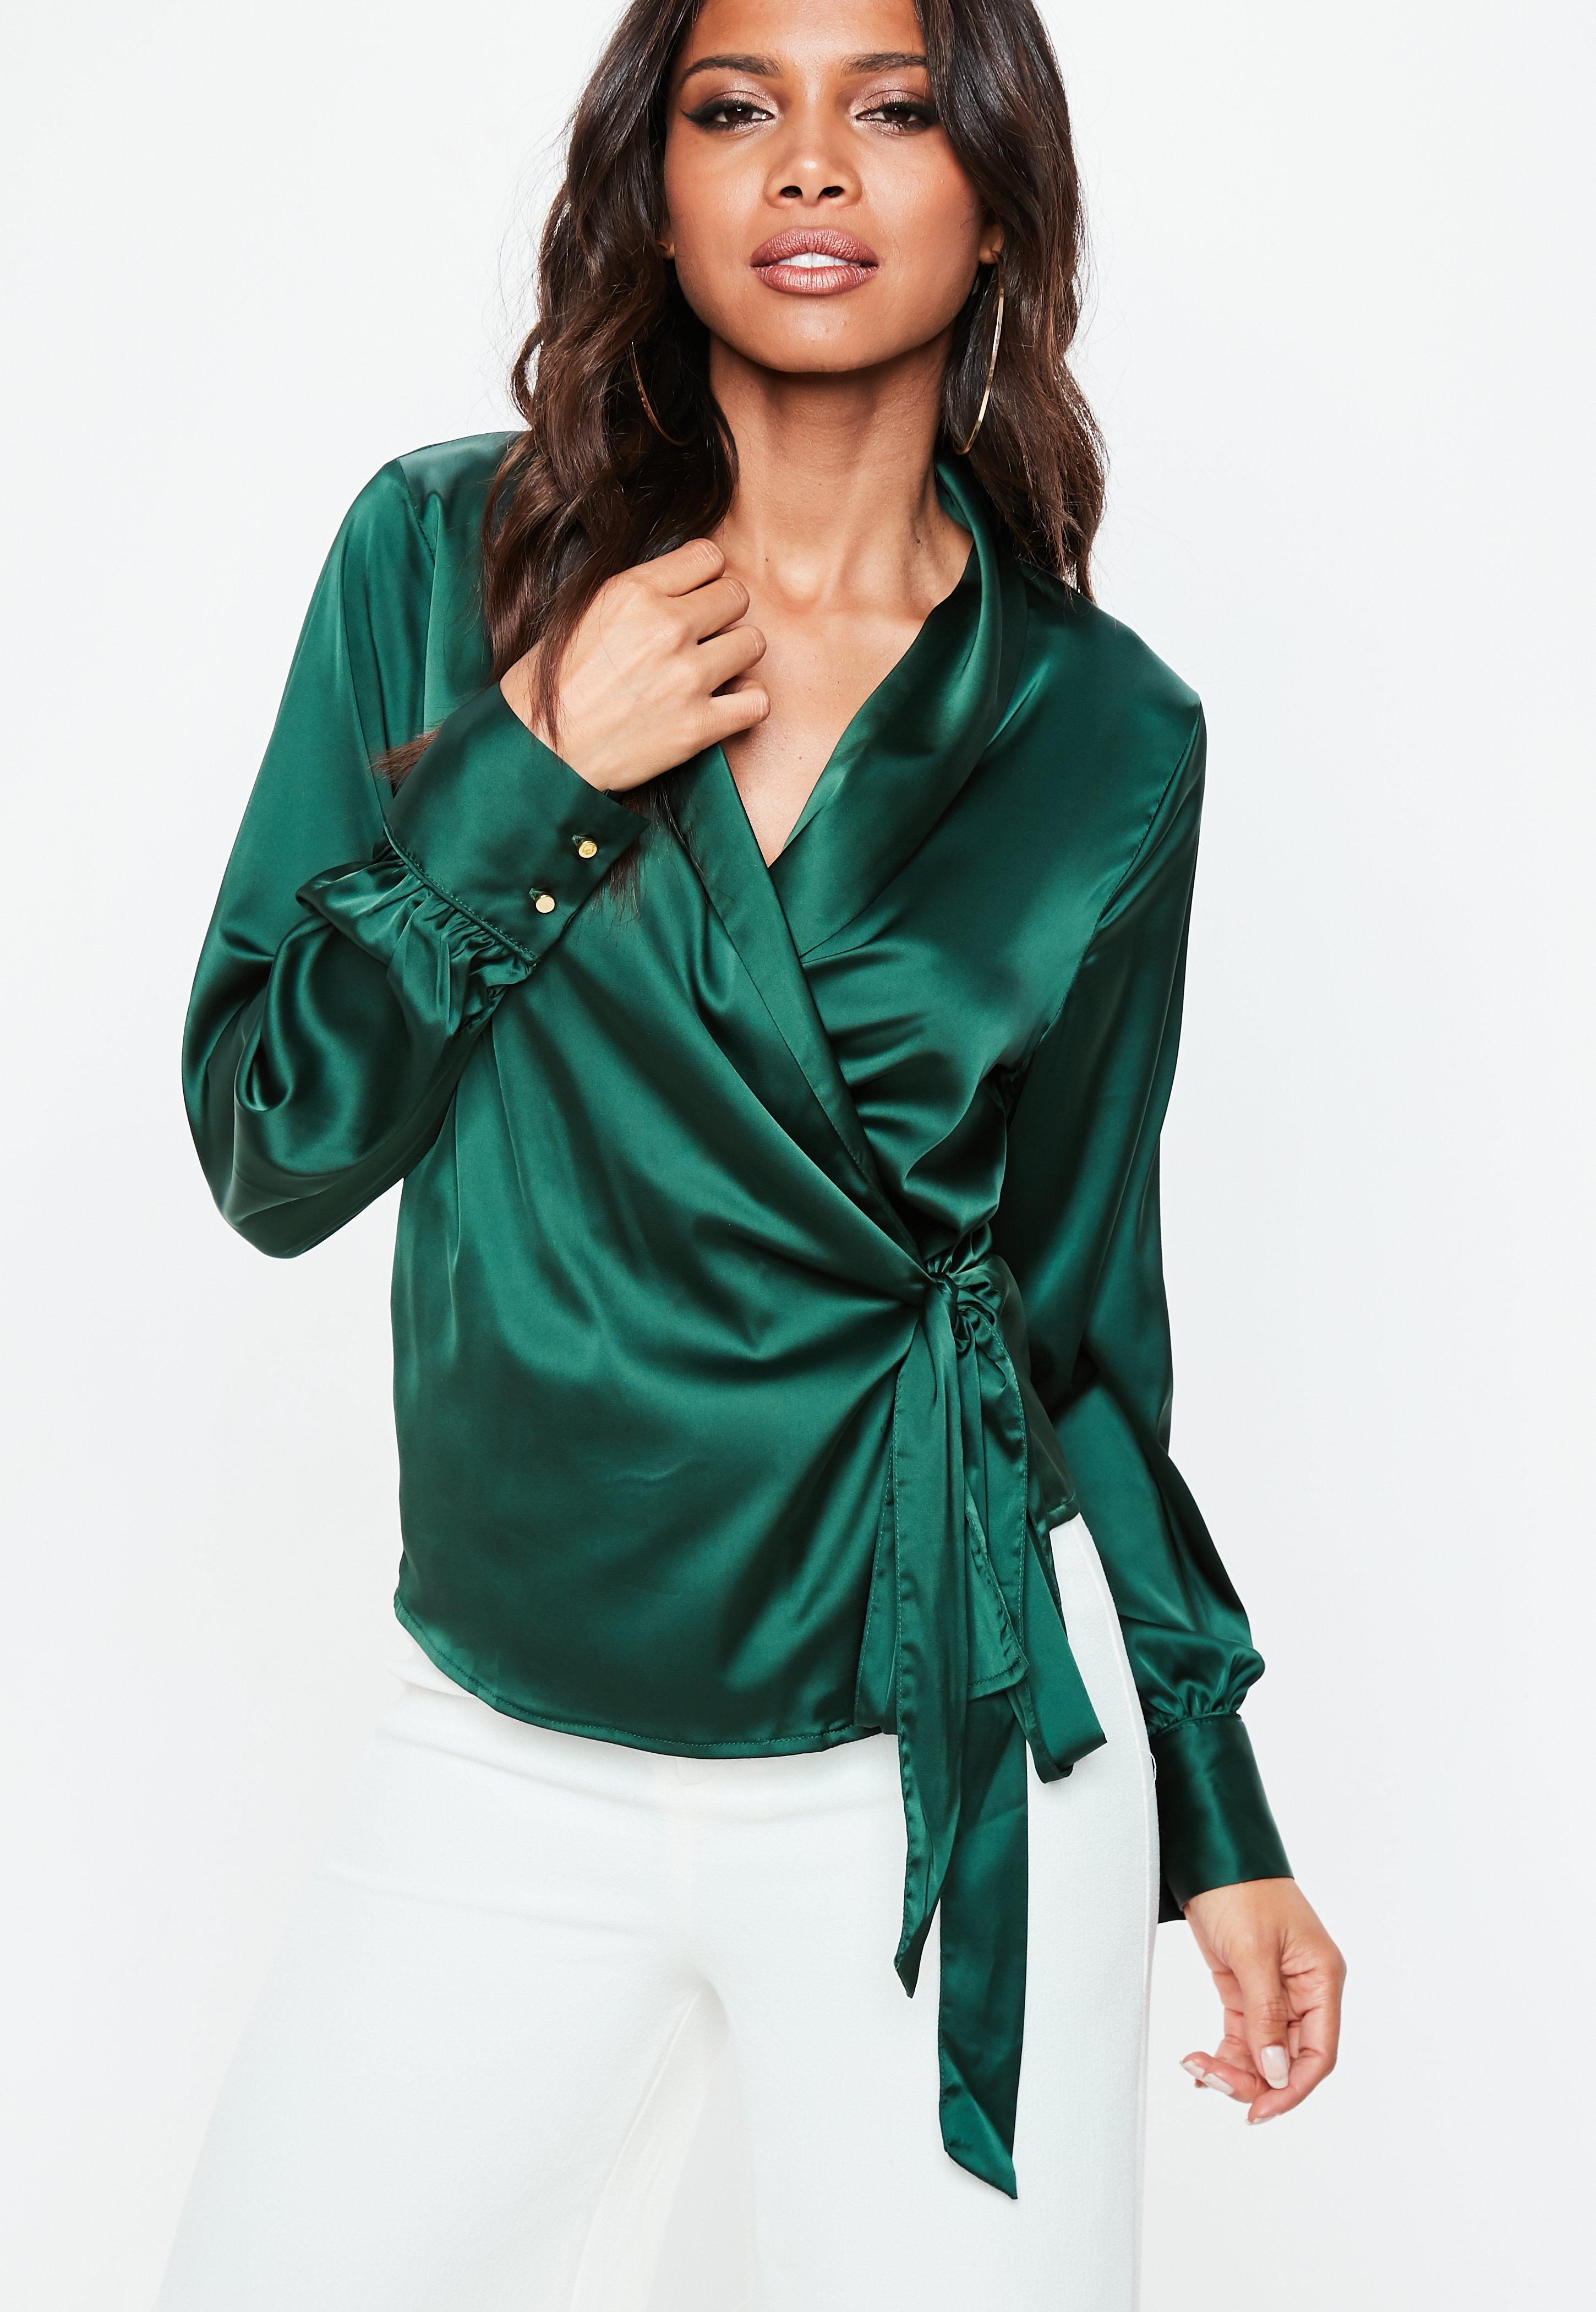 300acd3c541312 ... Women Source · Green Satin Deep Cuff Tie Waist Plunge Blouse Missguided